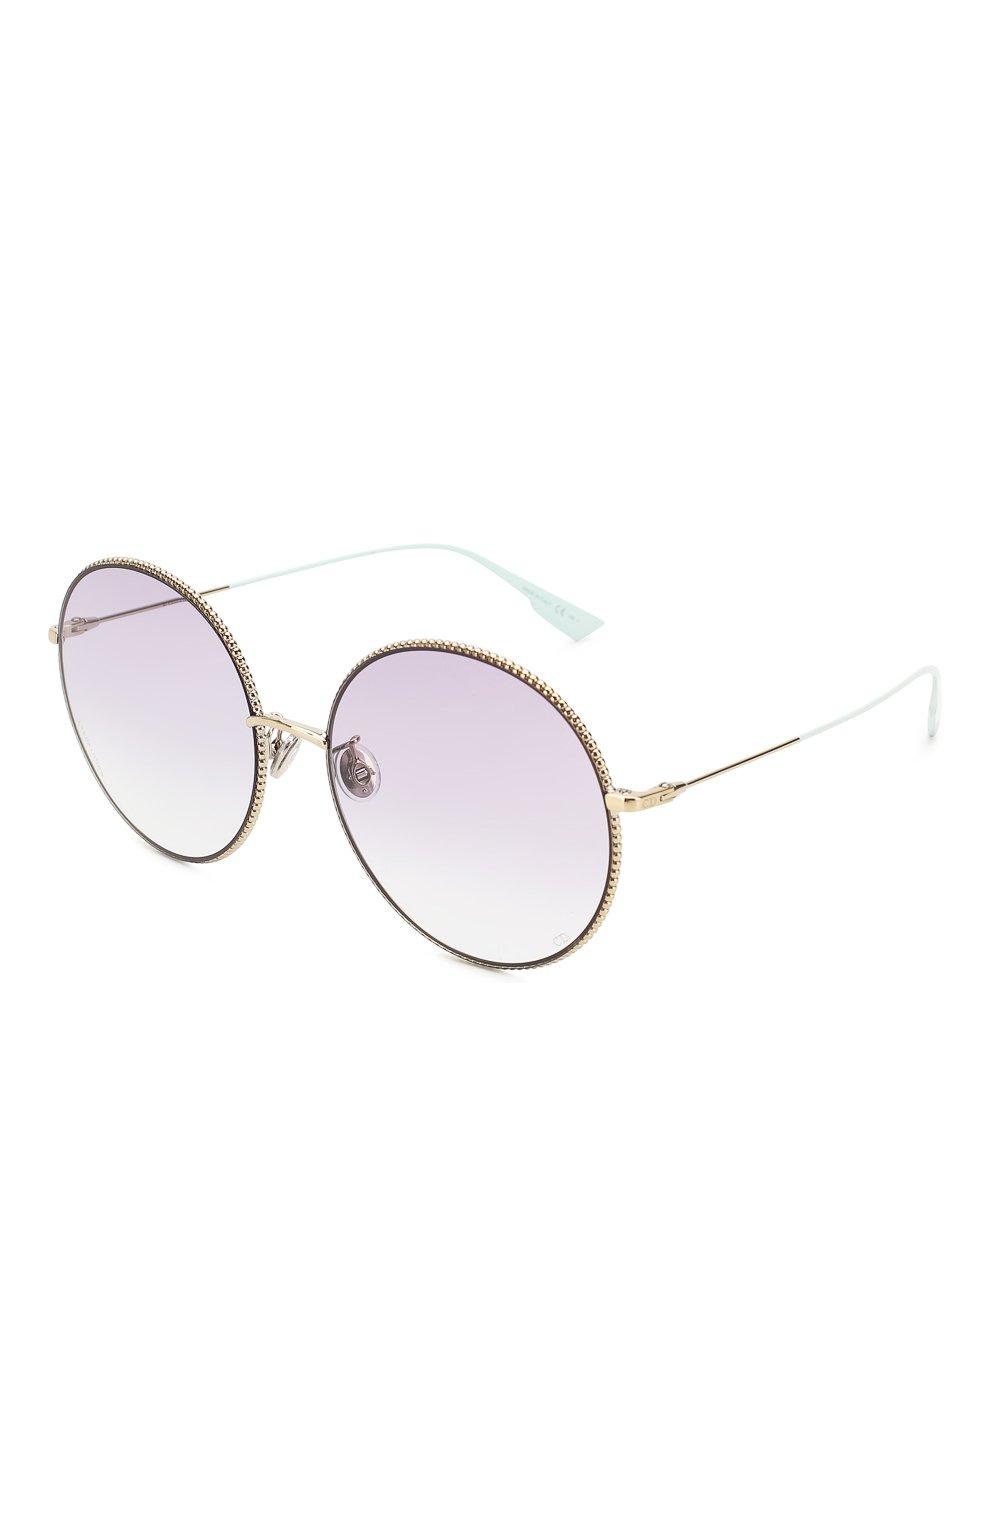 Женские солнцезащитные очки DIOR сиреневого цвета, арт. DI0RS0CIETY2F 3YG   Фото 1